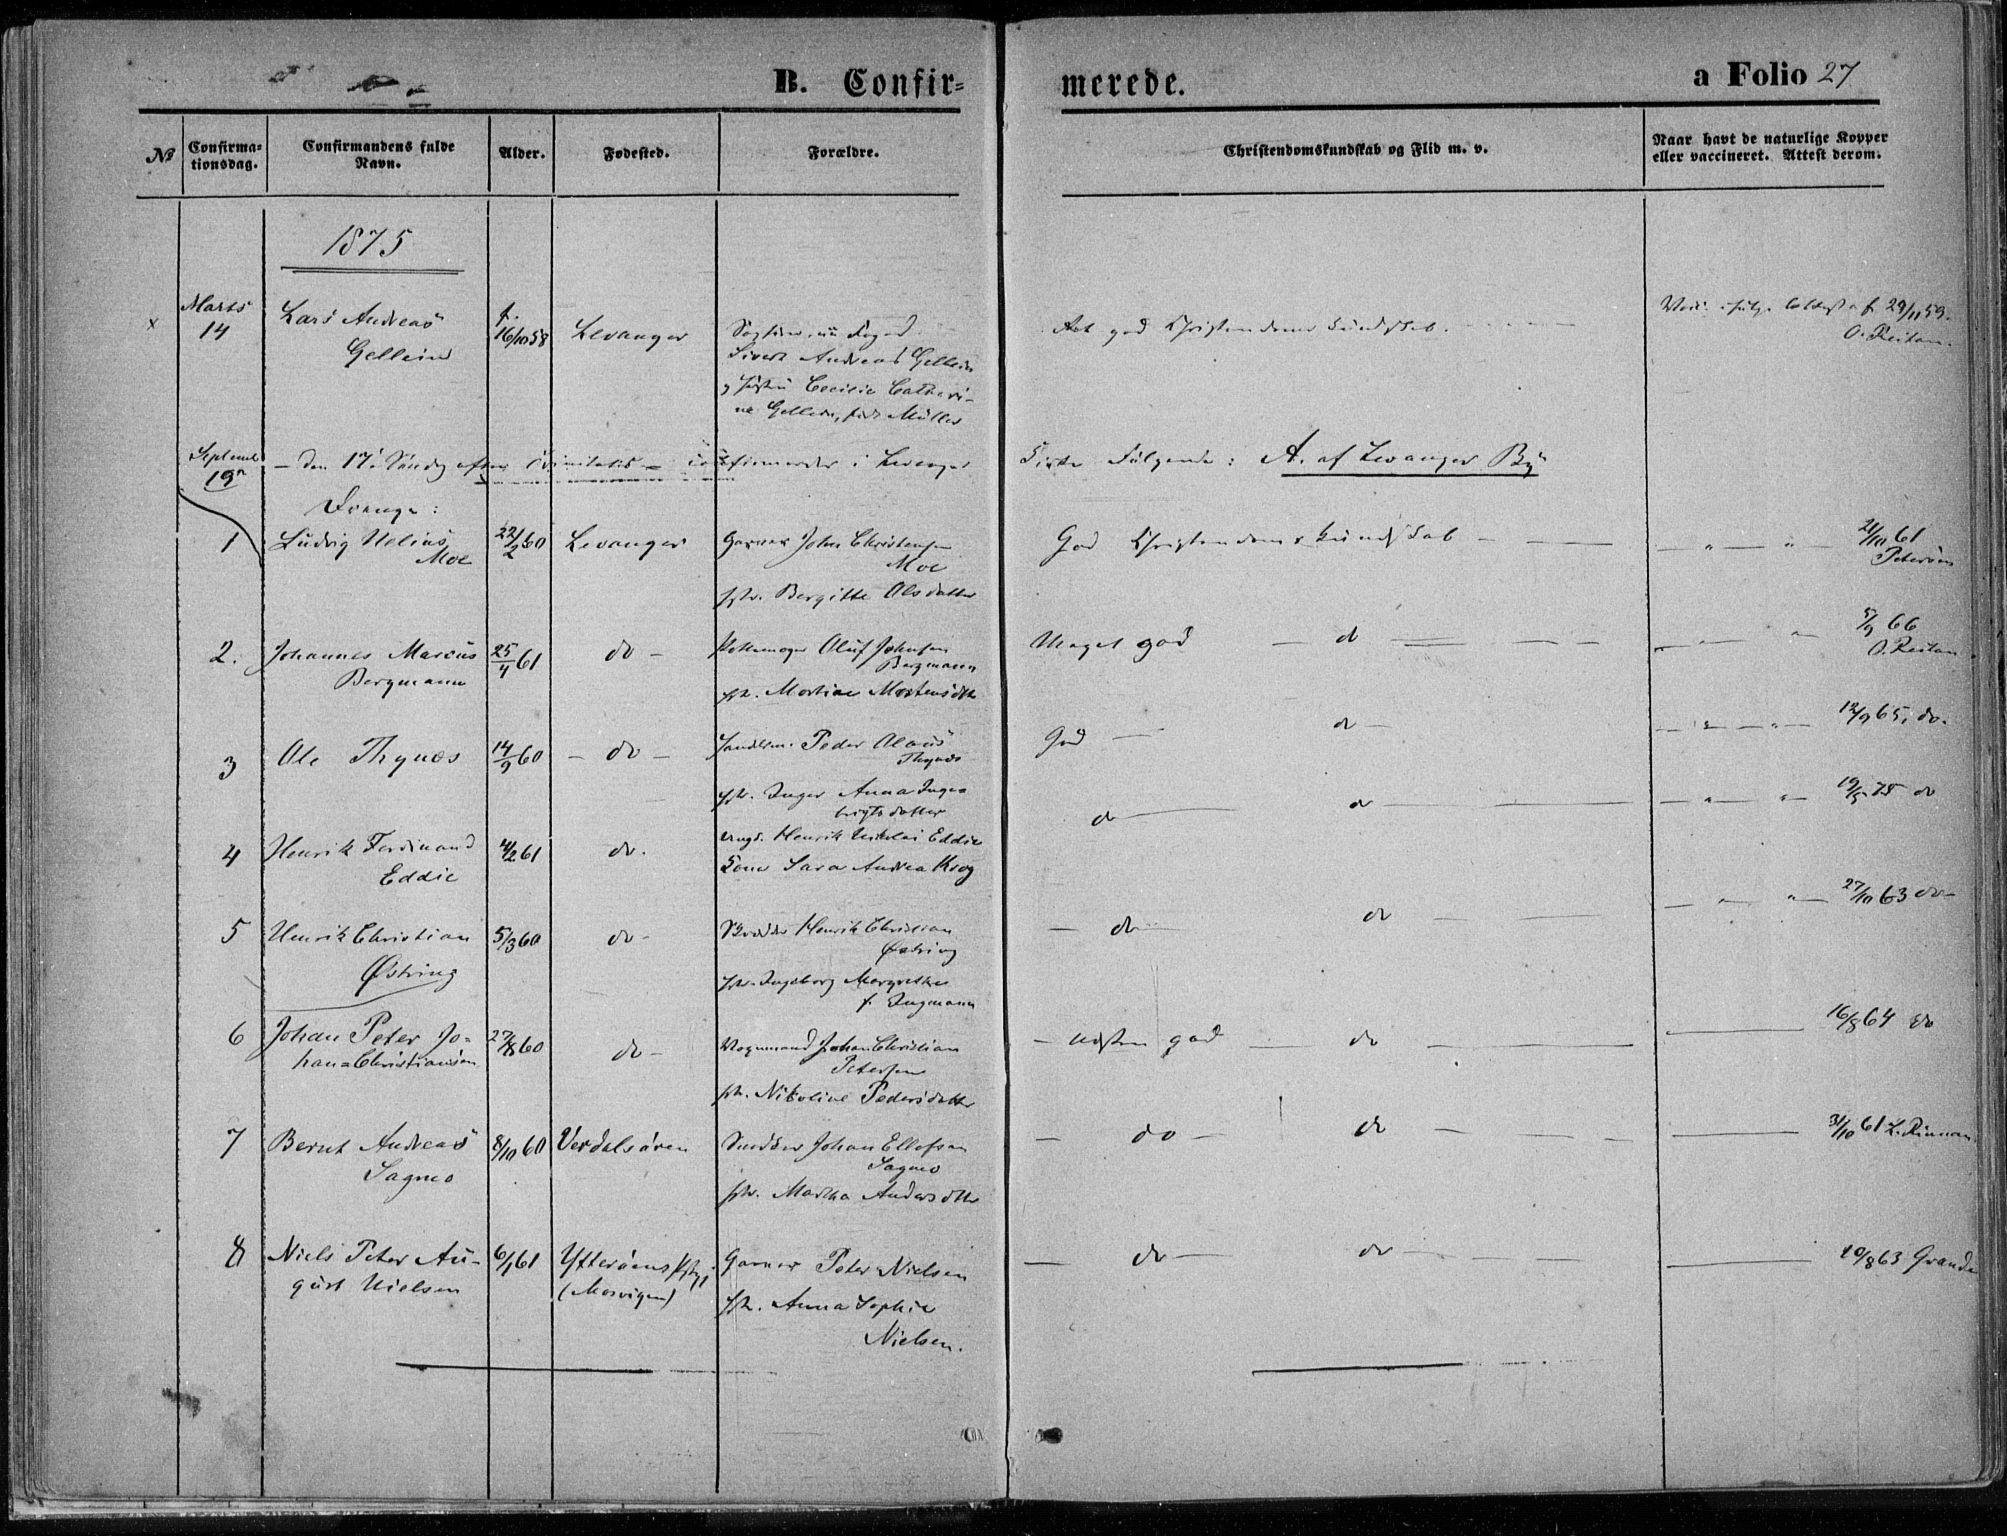 SAT, Ministerialprotokoller, klokkerbøker og fødselsregistre - Nord-Trøndelag, 720/L0187: Ministerialbok nr. 720A04 /1, 1875-1879, s. 27